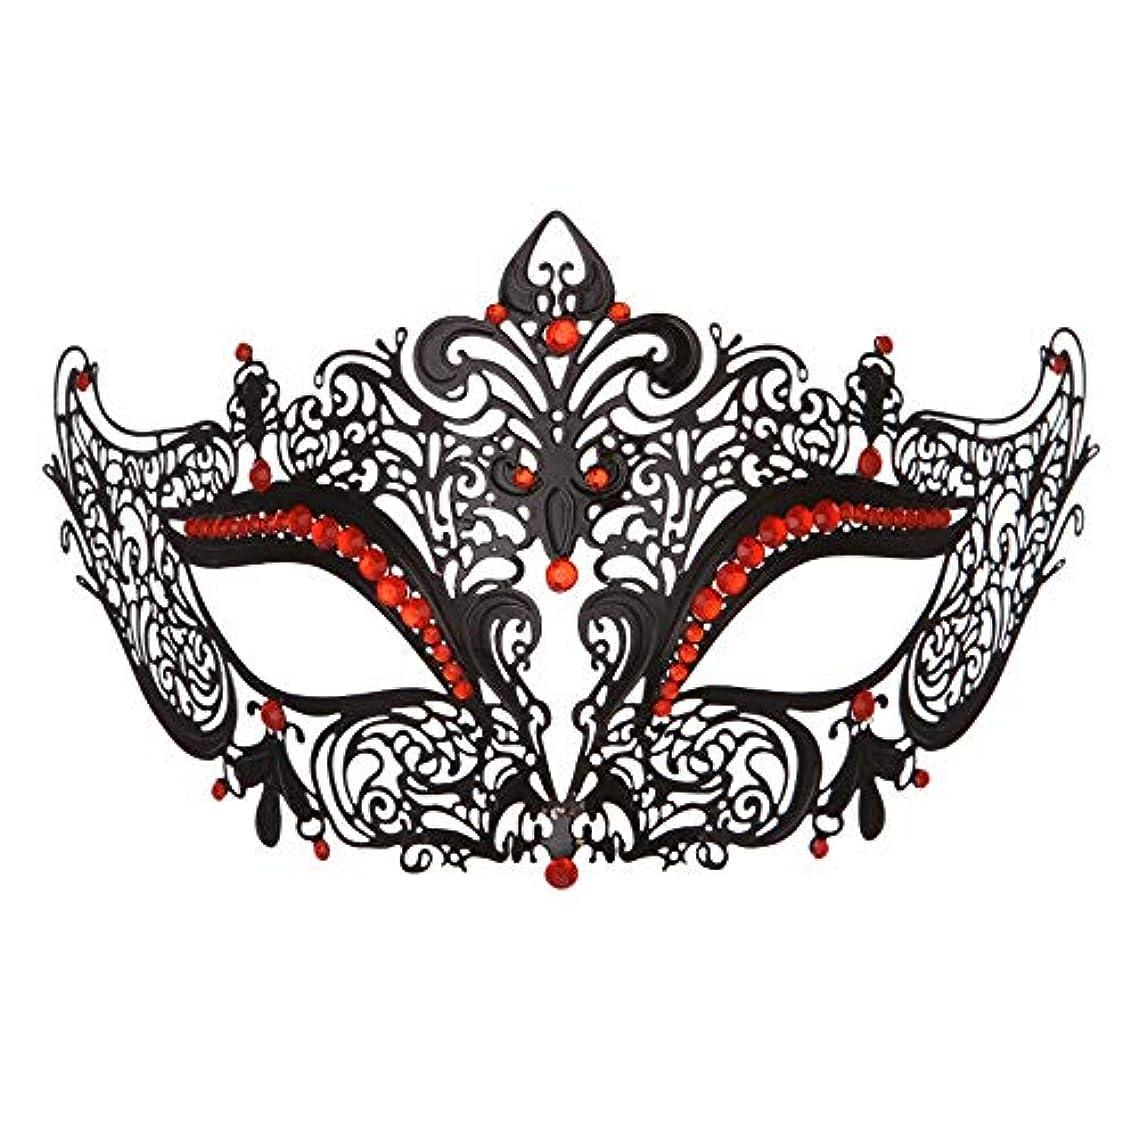 からかう差別的森林ダンスマスク 高級金属鉄マスク女性美少女中空ハーフフェイスファッションナイトクラブパーティー仮面舞踏会マスク ホリデーパーティー用品 (色 : 赤, サイズ : 19x8cm)